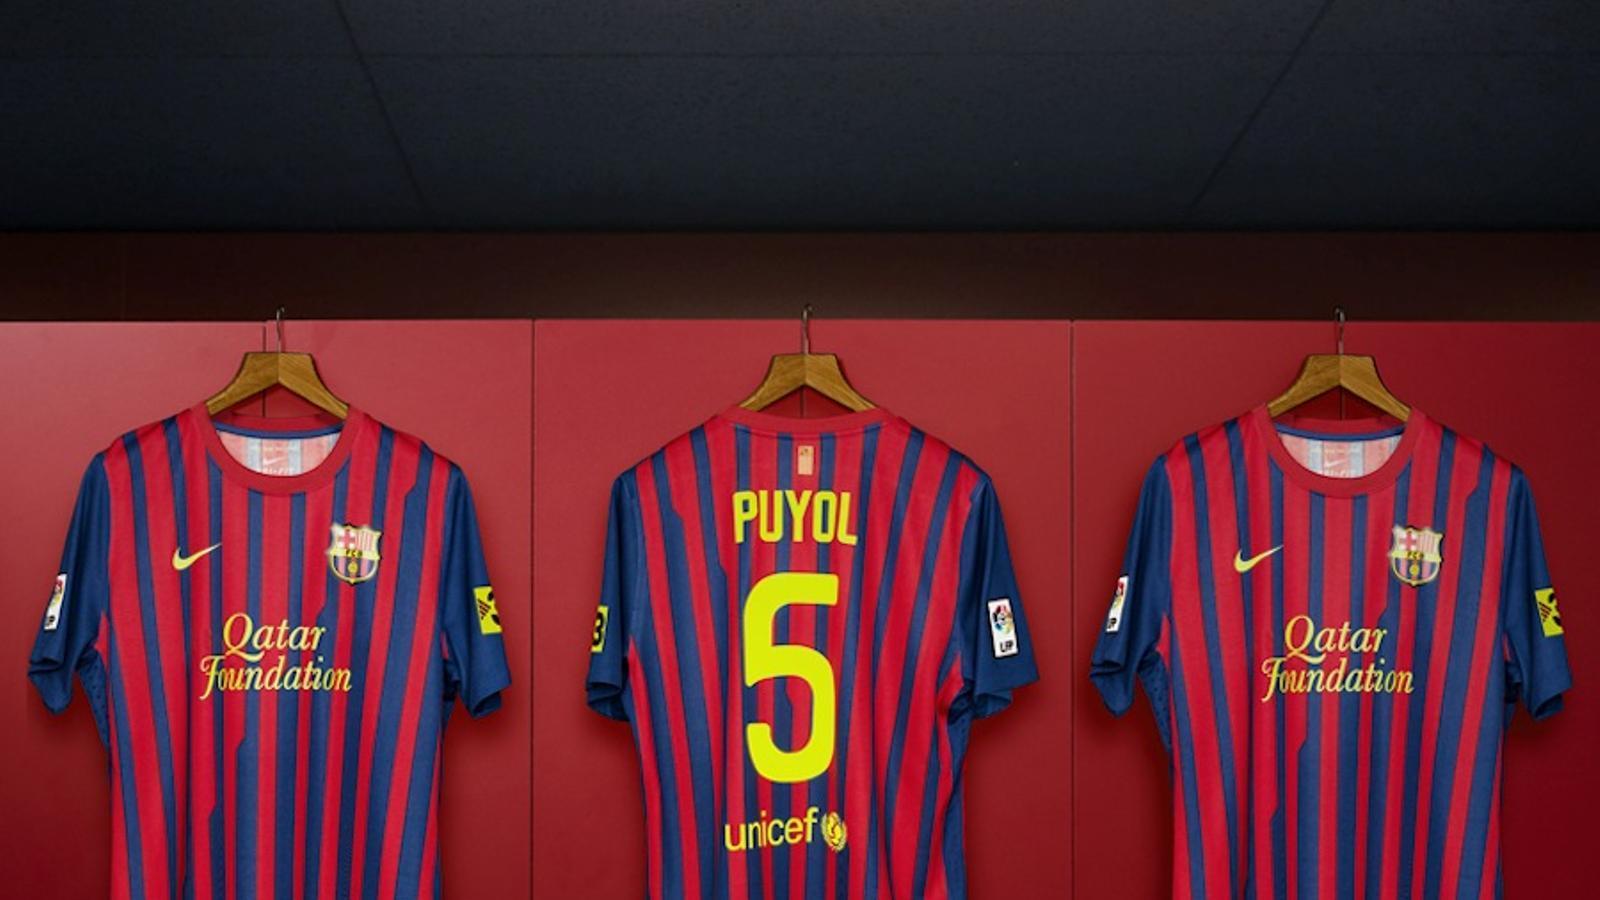 b3a01f57dd827 260x366 La samarreta de Carles Puyol amb la nova ...